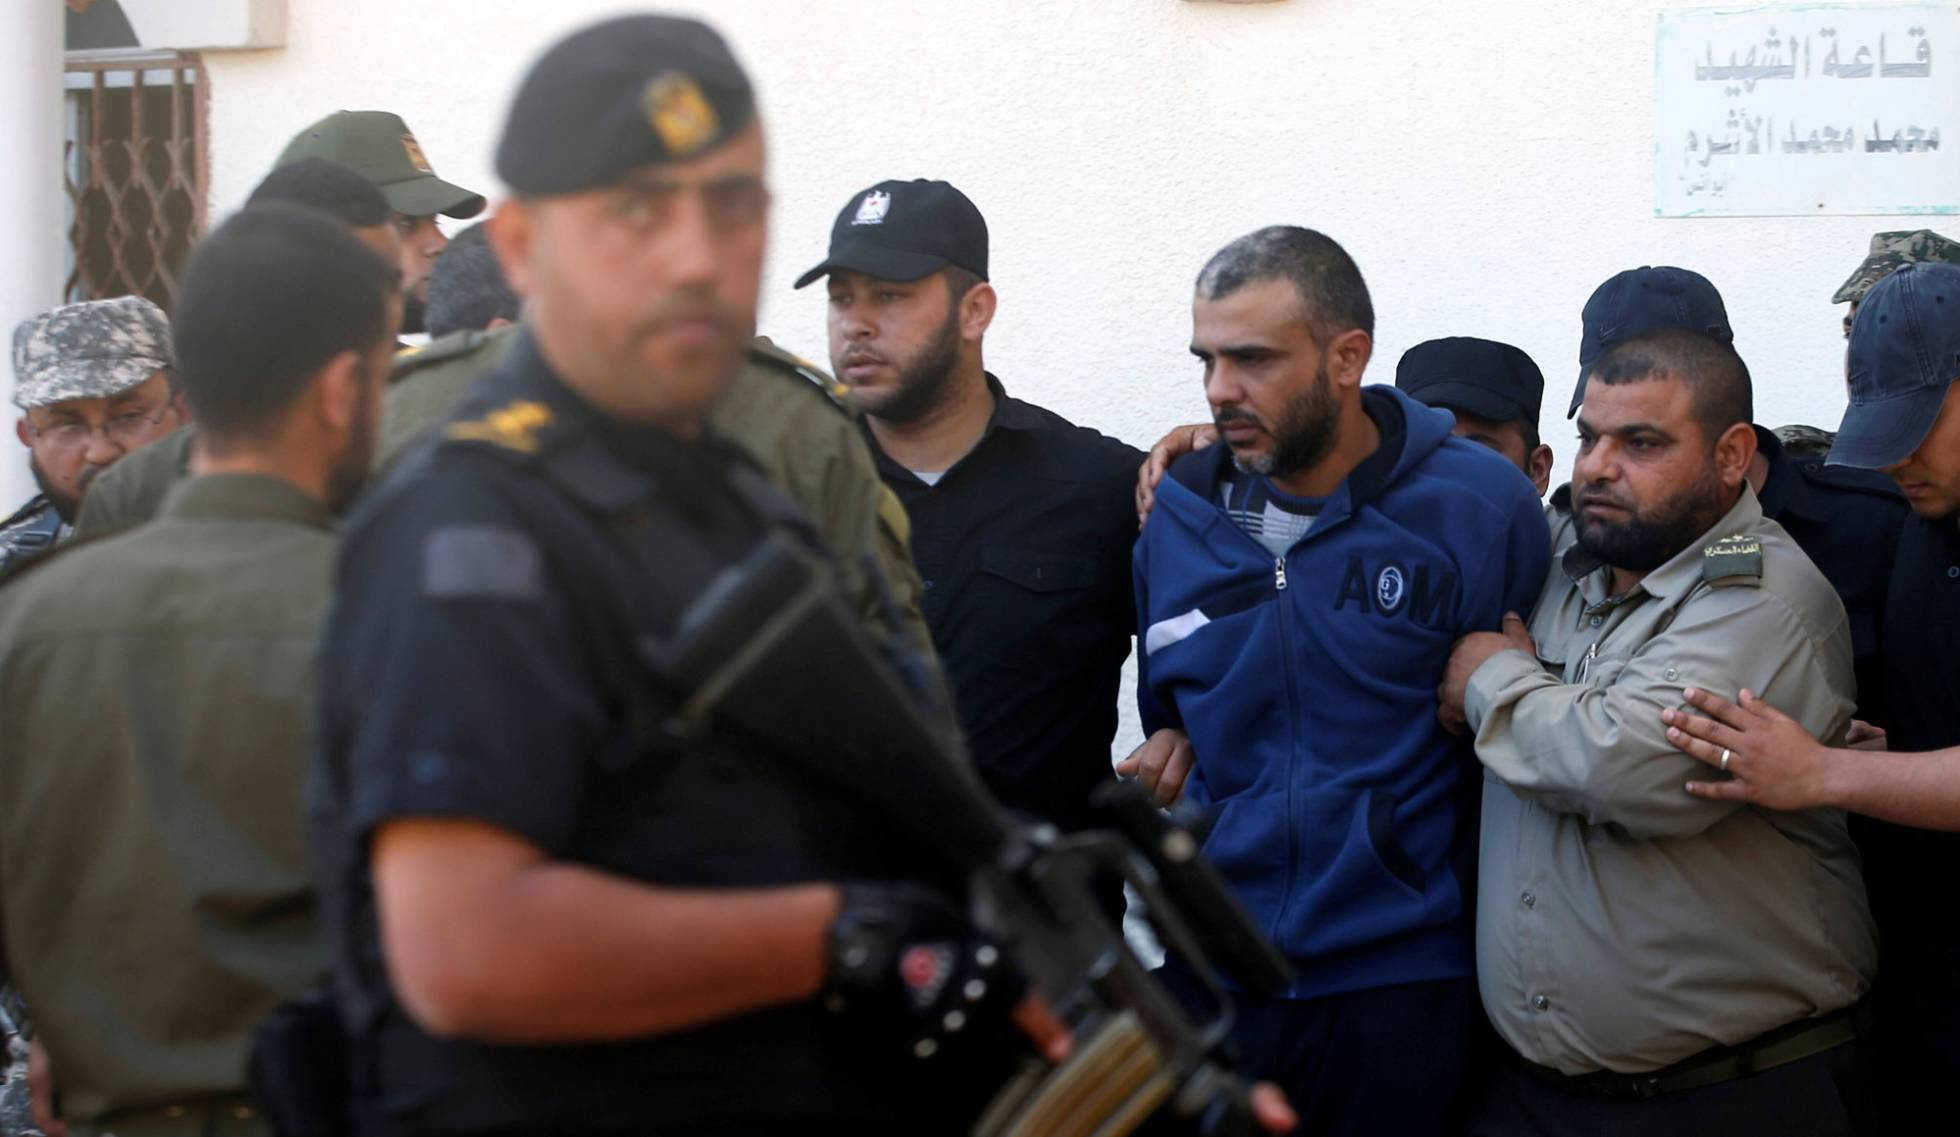 Palestina, burguesía y privatización capitalista - Página 2 1495734303_198234_1495741443_noticia_normal_recorte1